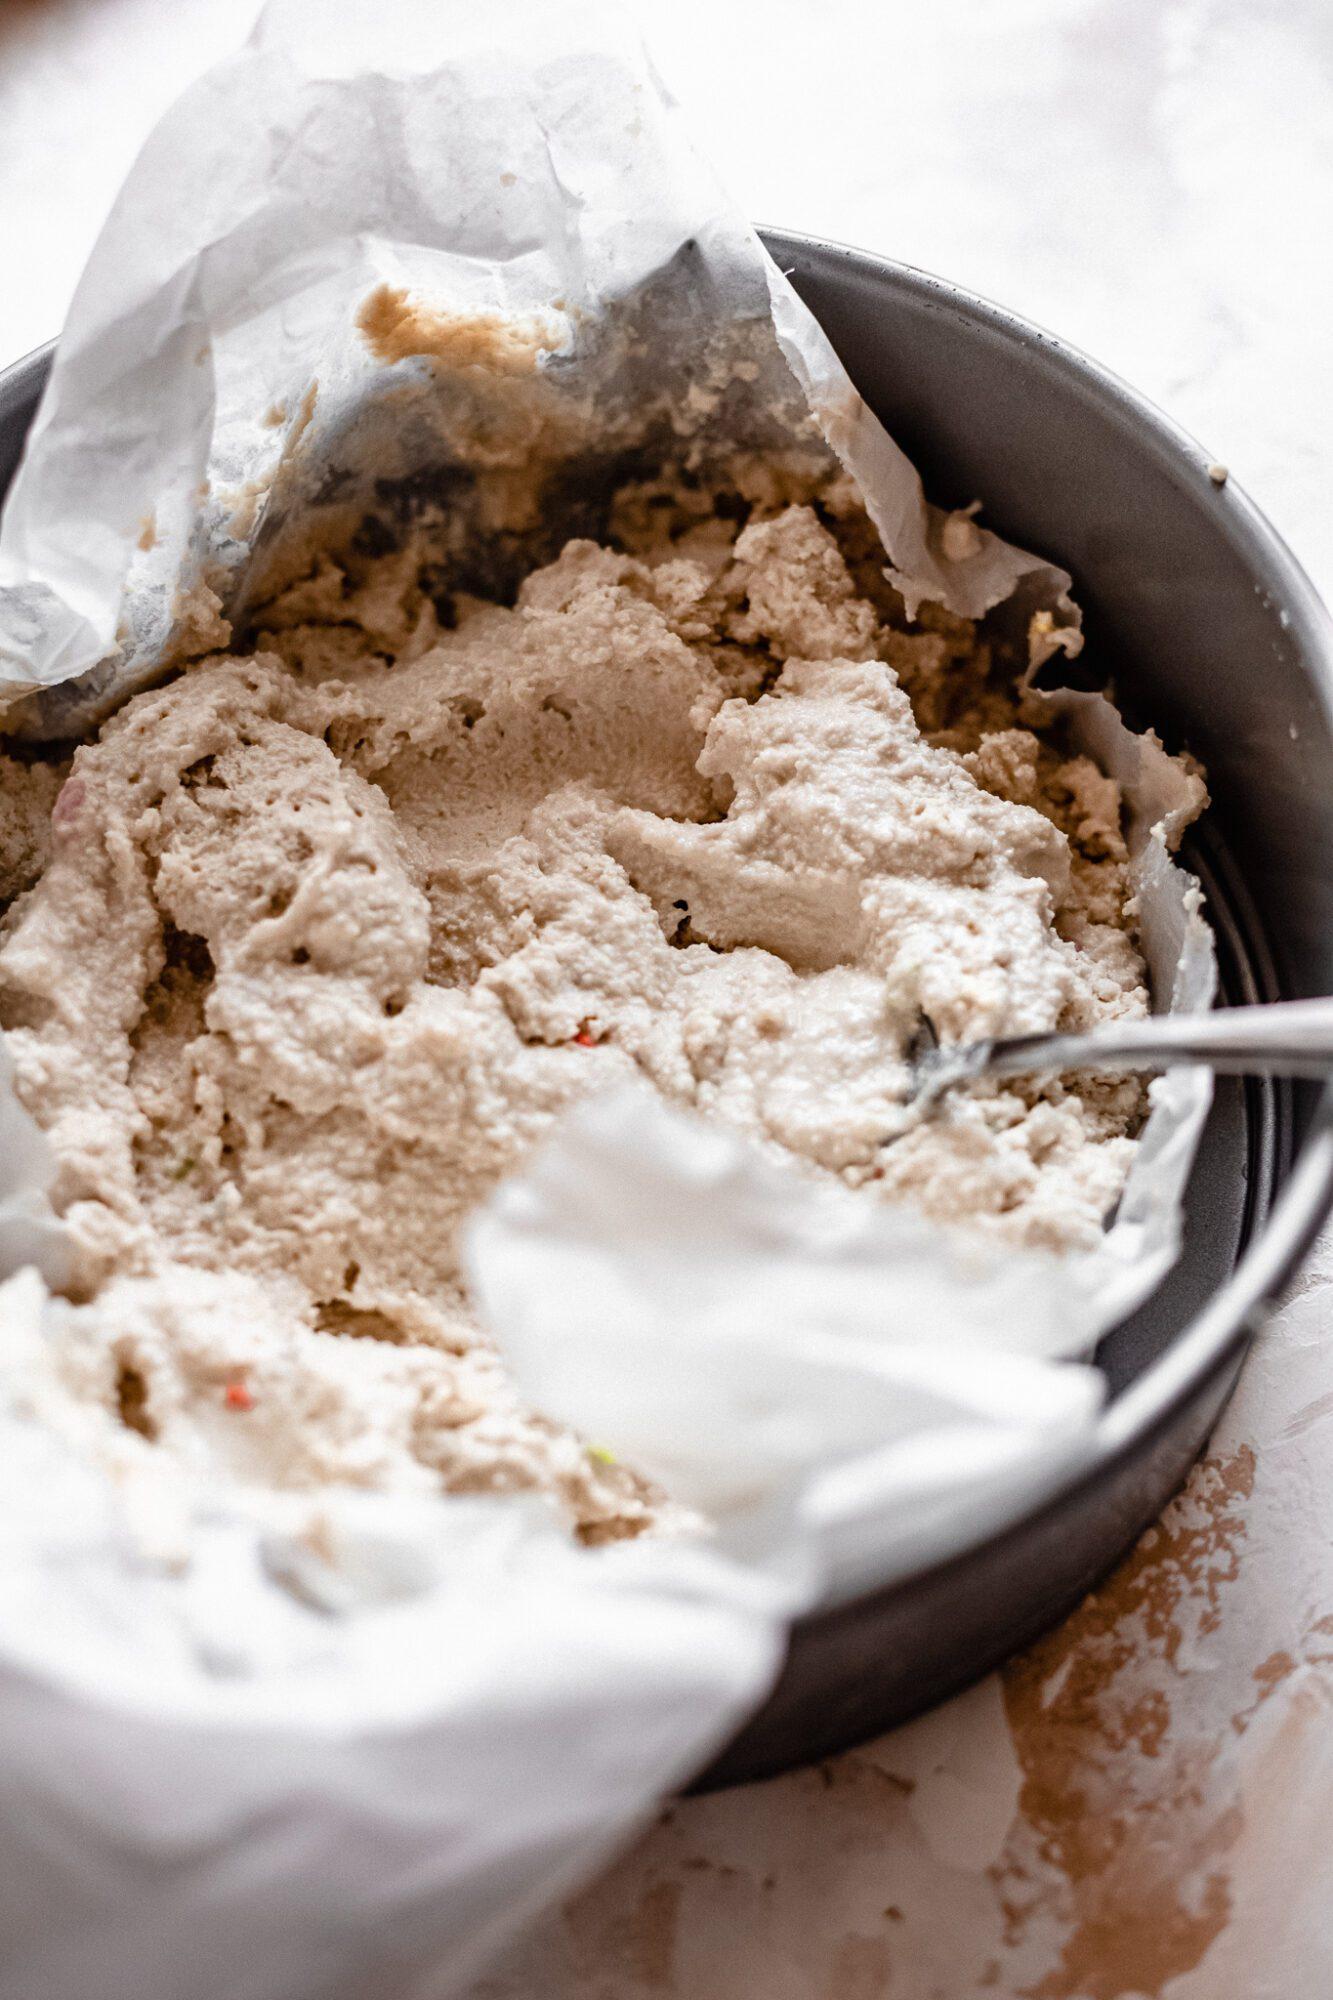 scoops of cashew ice cream